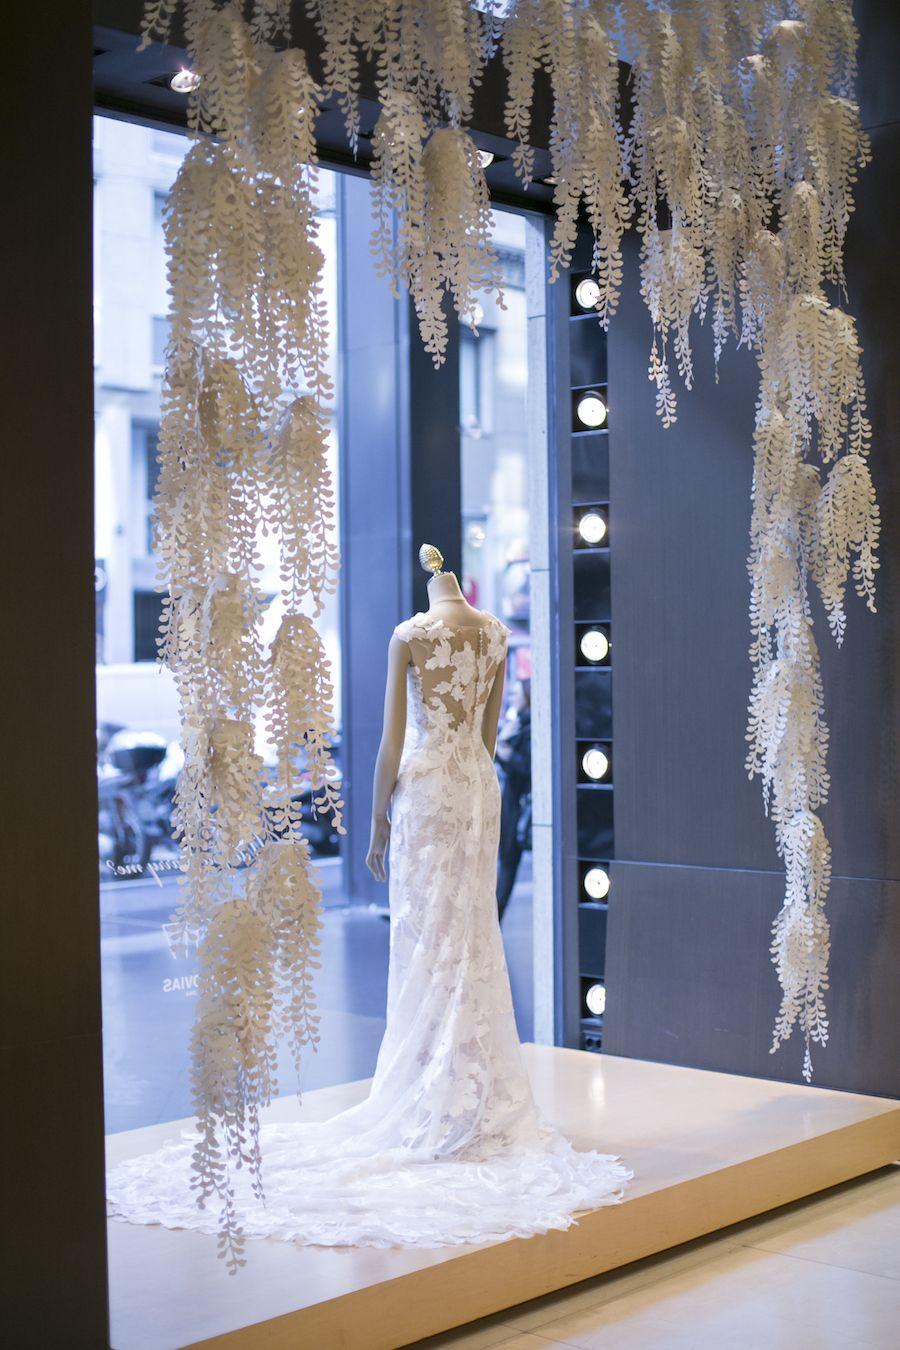 Una Visita Al Pronovias Store Di Milano Wedding Wonderland Arredamento Da Boutique Progettazione Interni Negozio Boutique Da Sposa